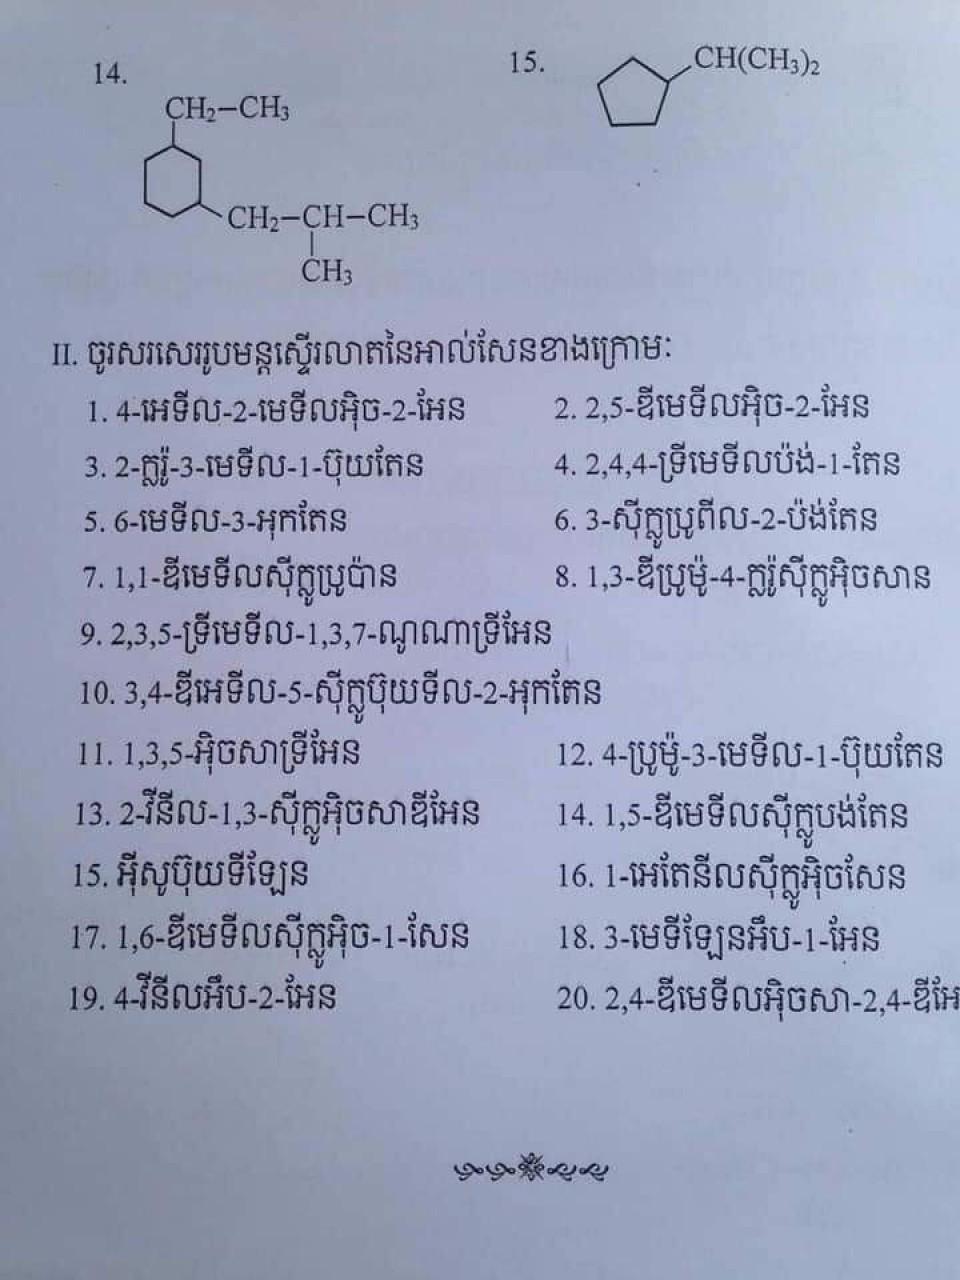 FB_IMG_1627131565716